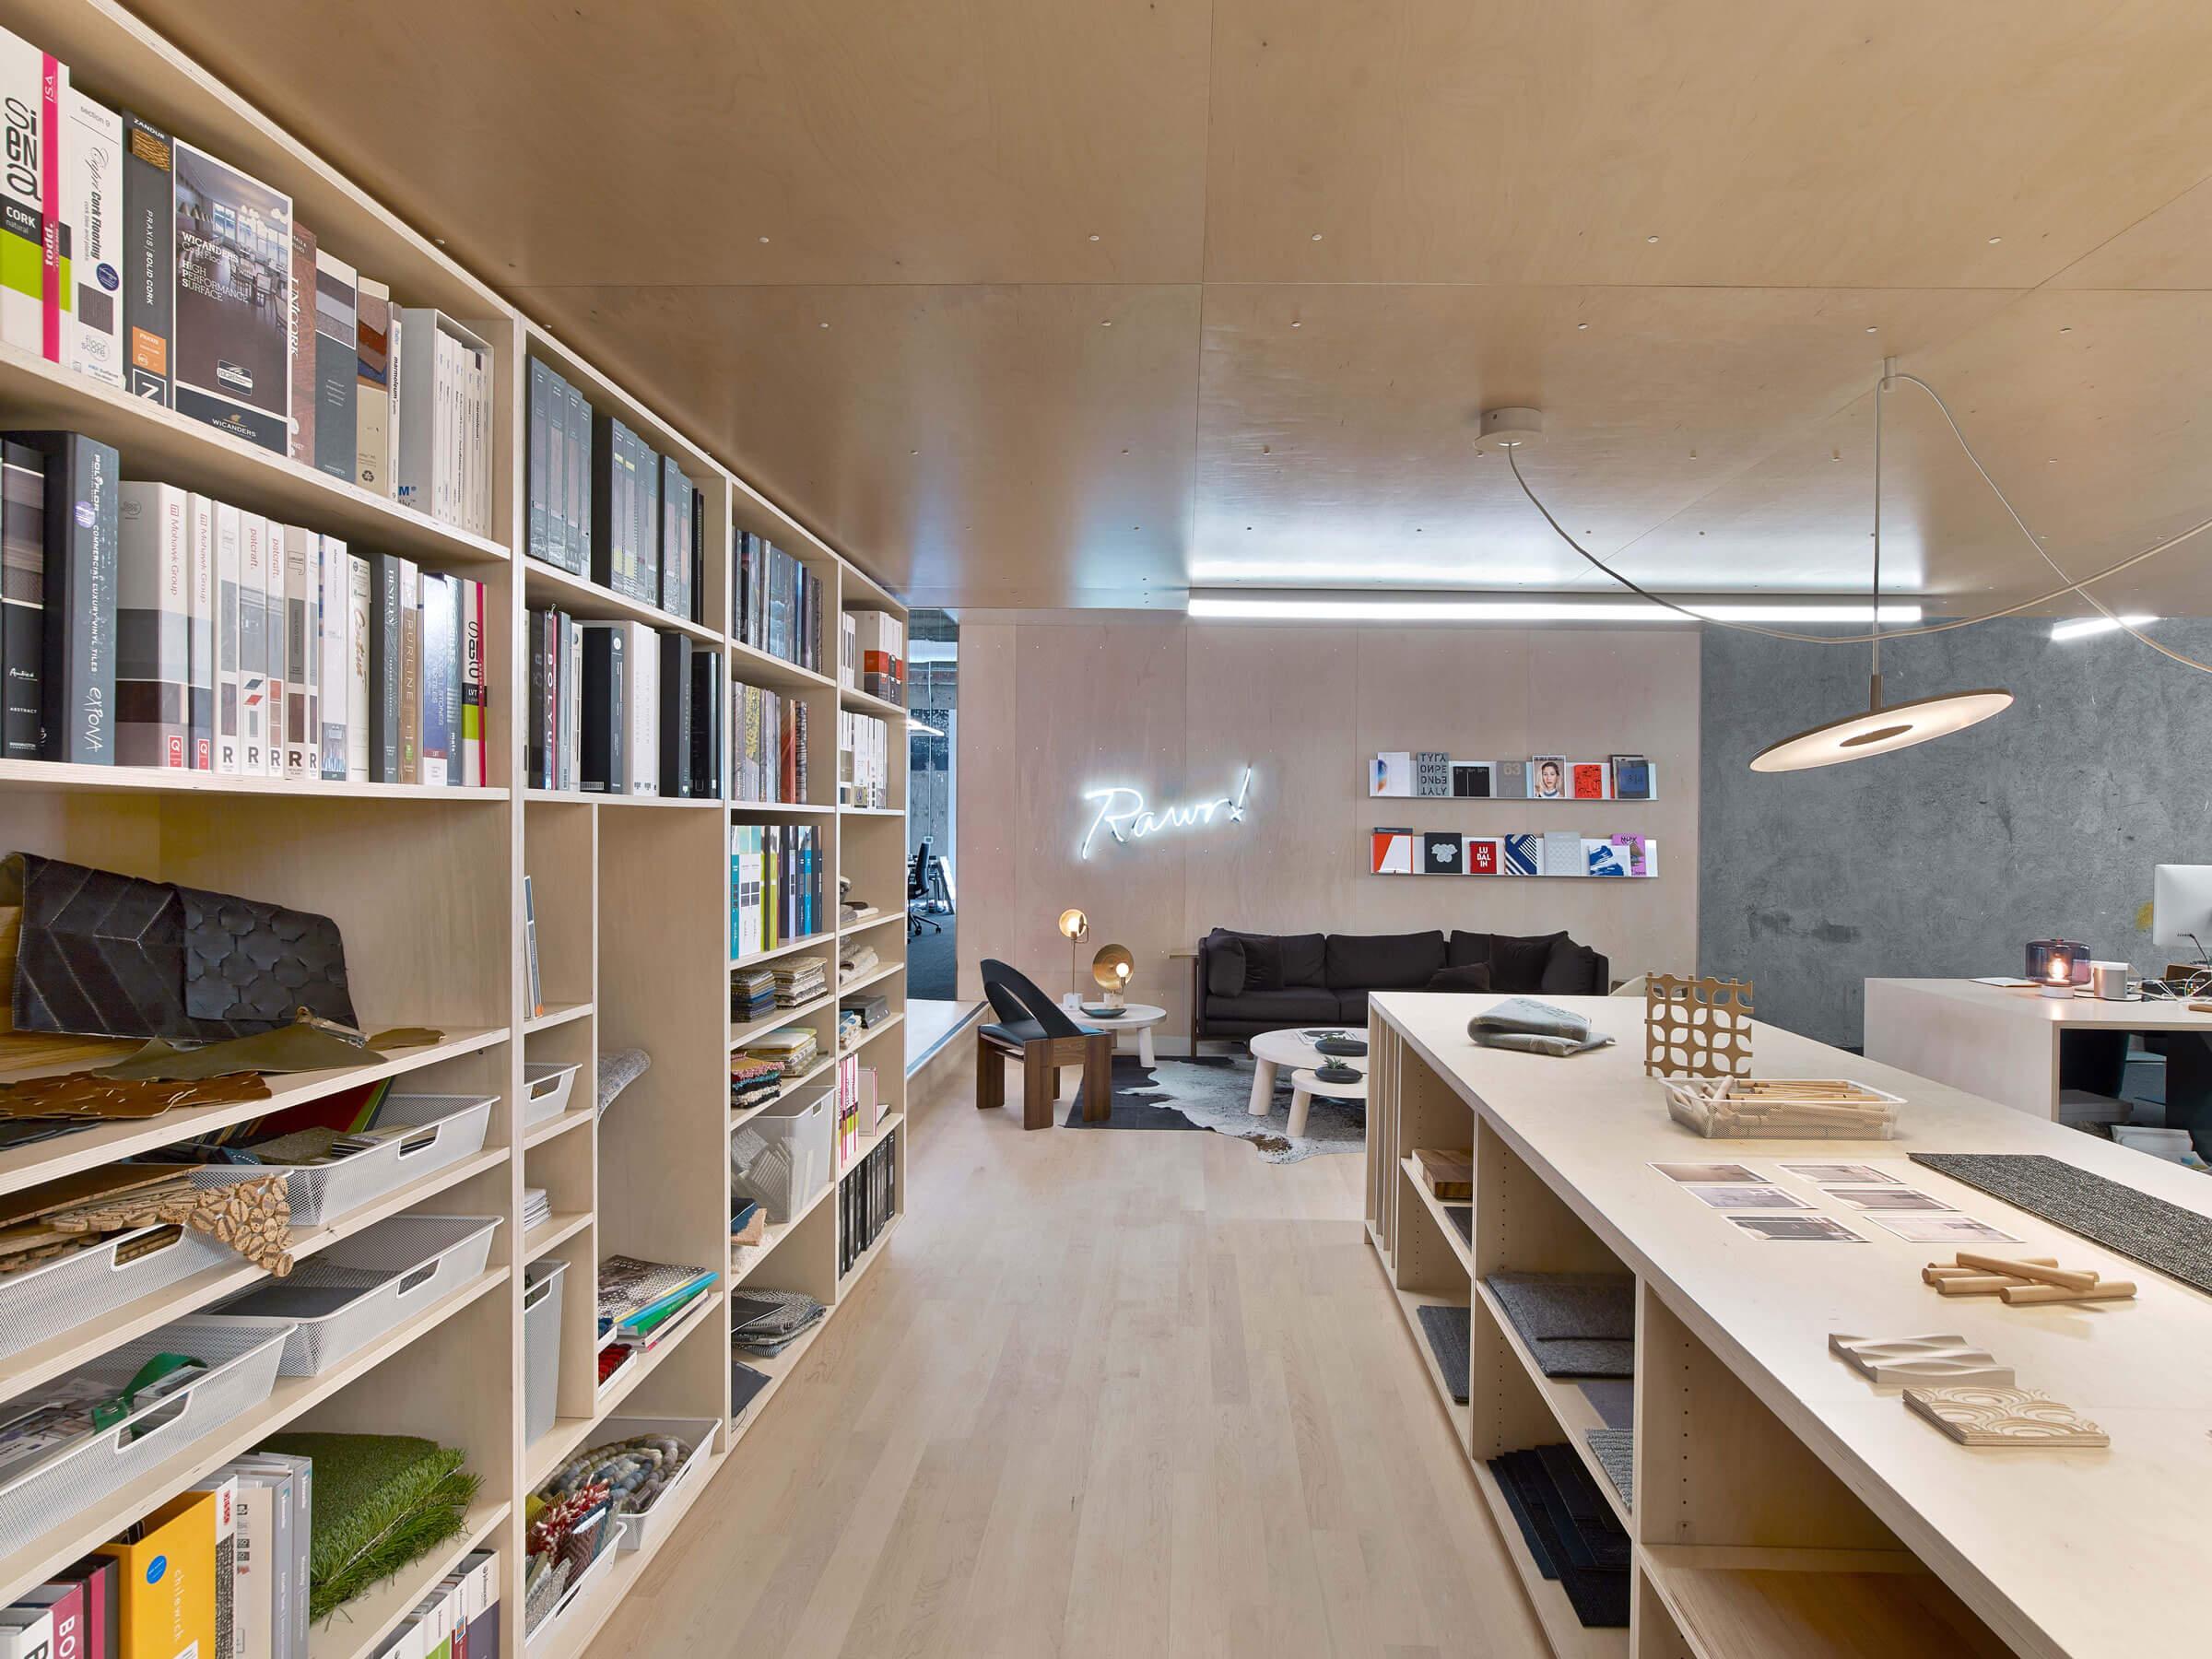 Design ... & Rapt Studio